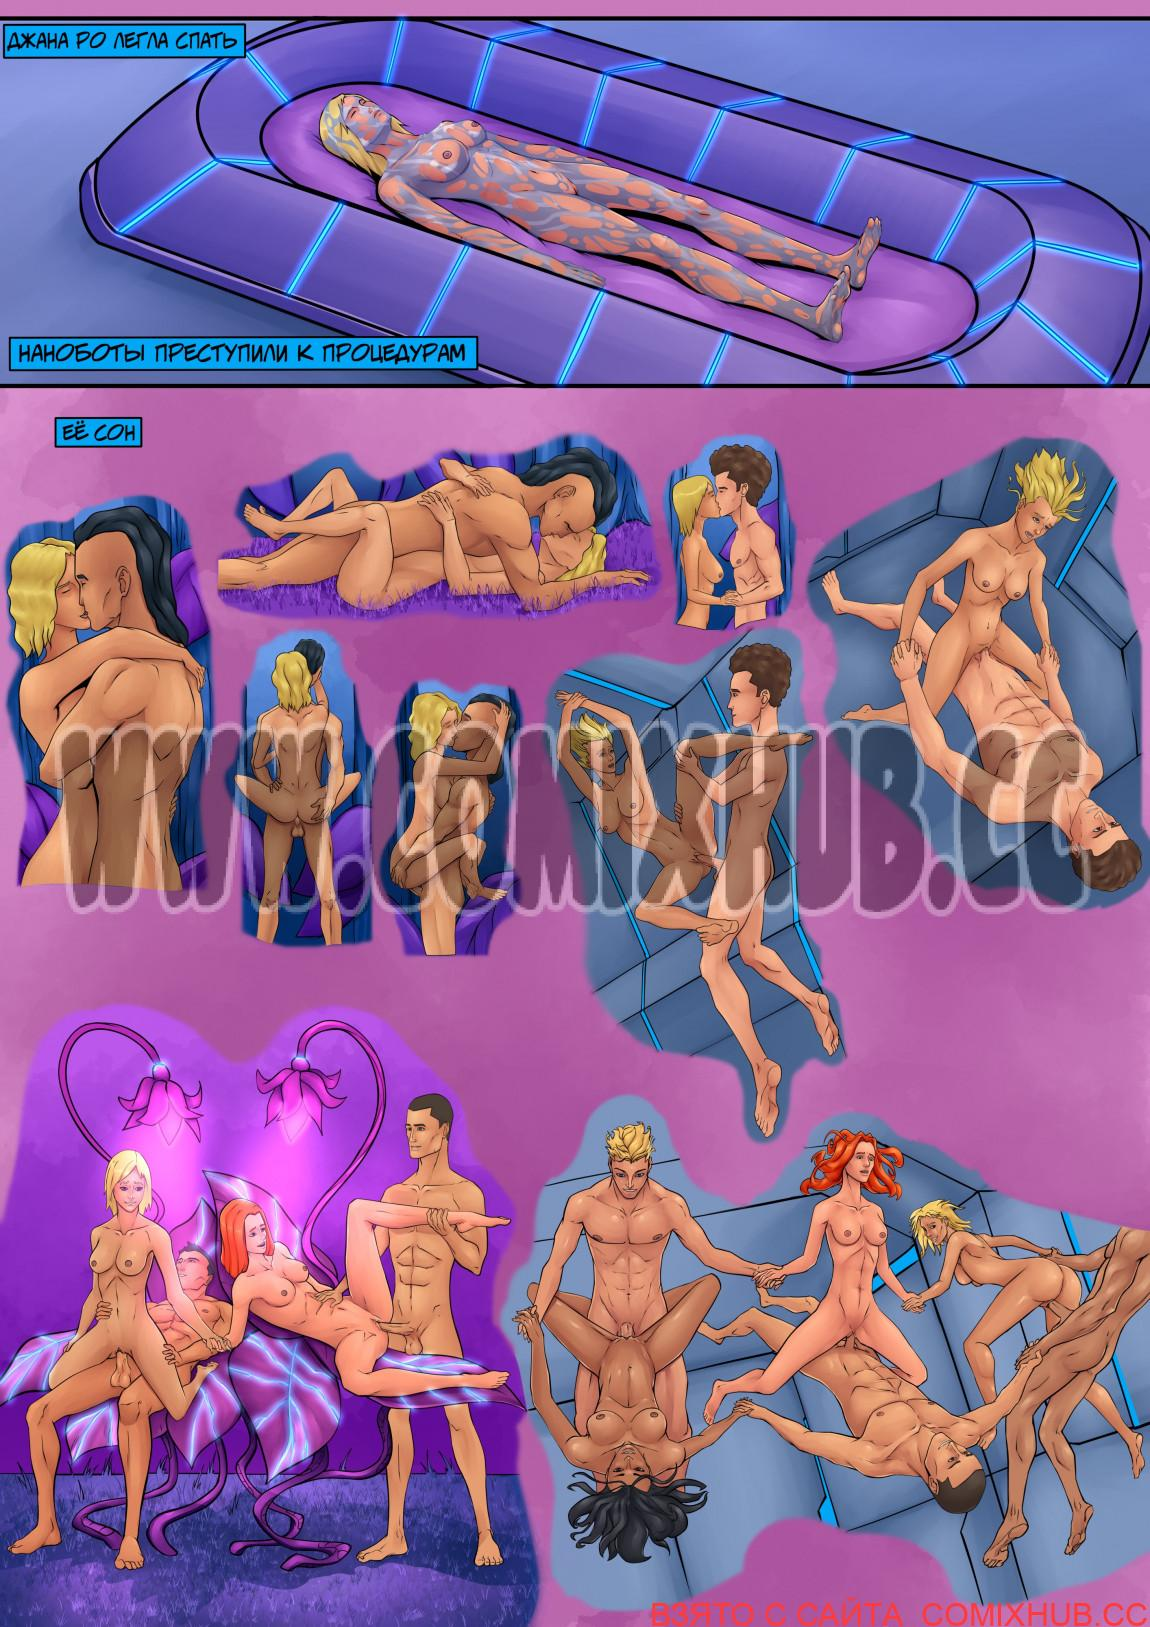 Джана Ро и ее приключения Порно комиксы, Без цензуры, Большая грудь, Групповой секс